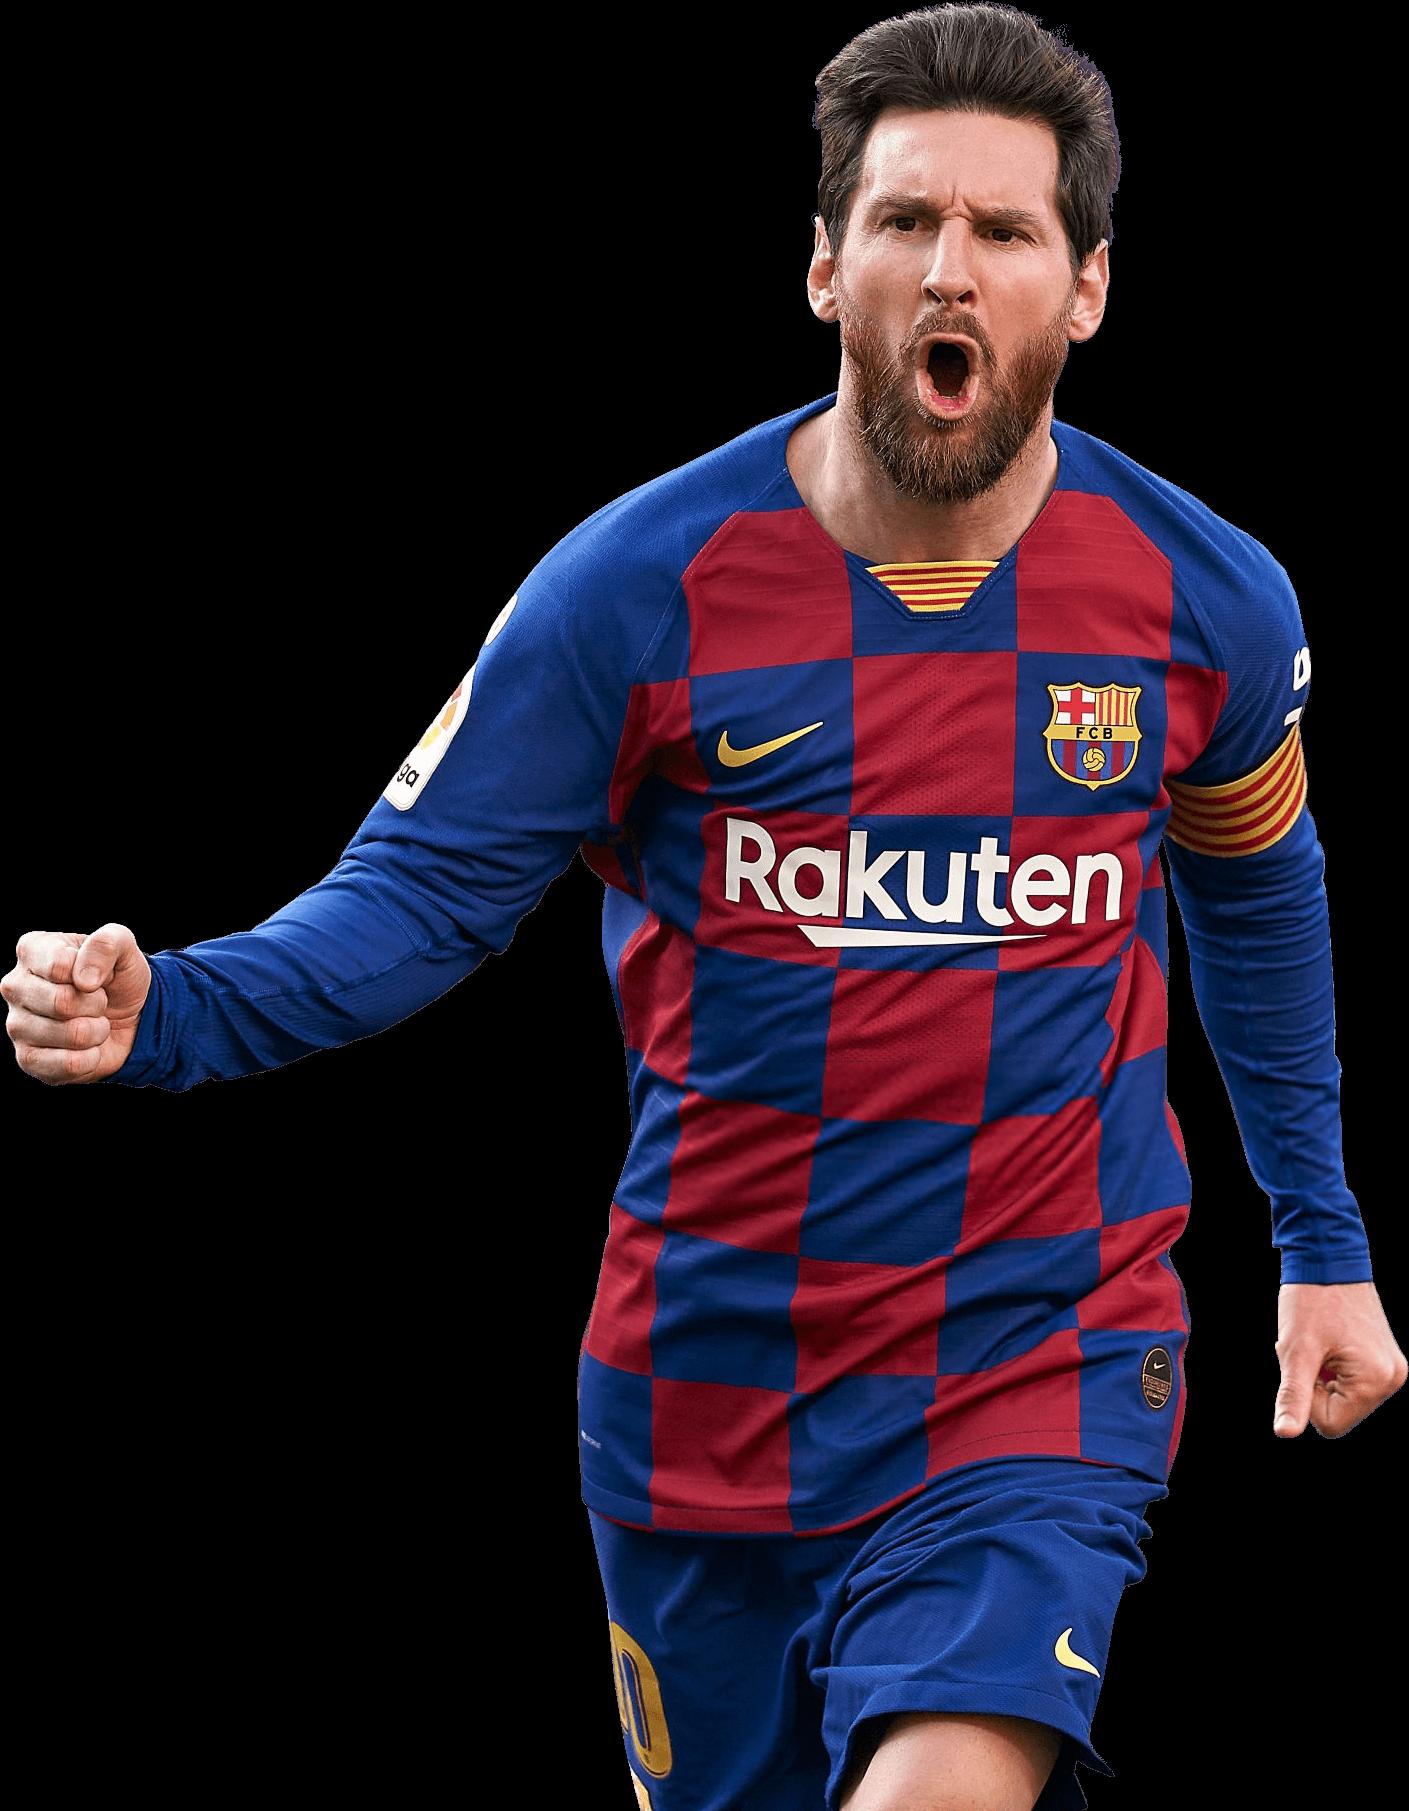 Futbol Football Sports Sticker By Nicolas Garcia